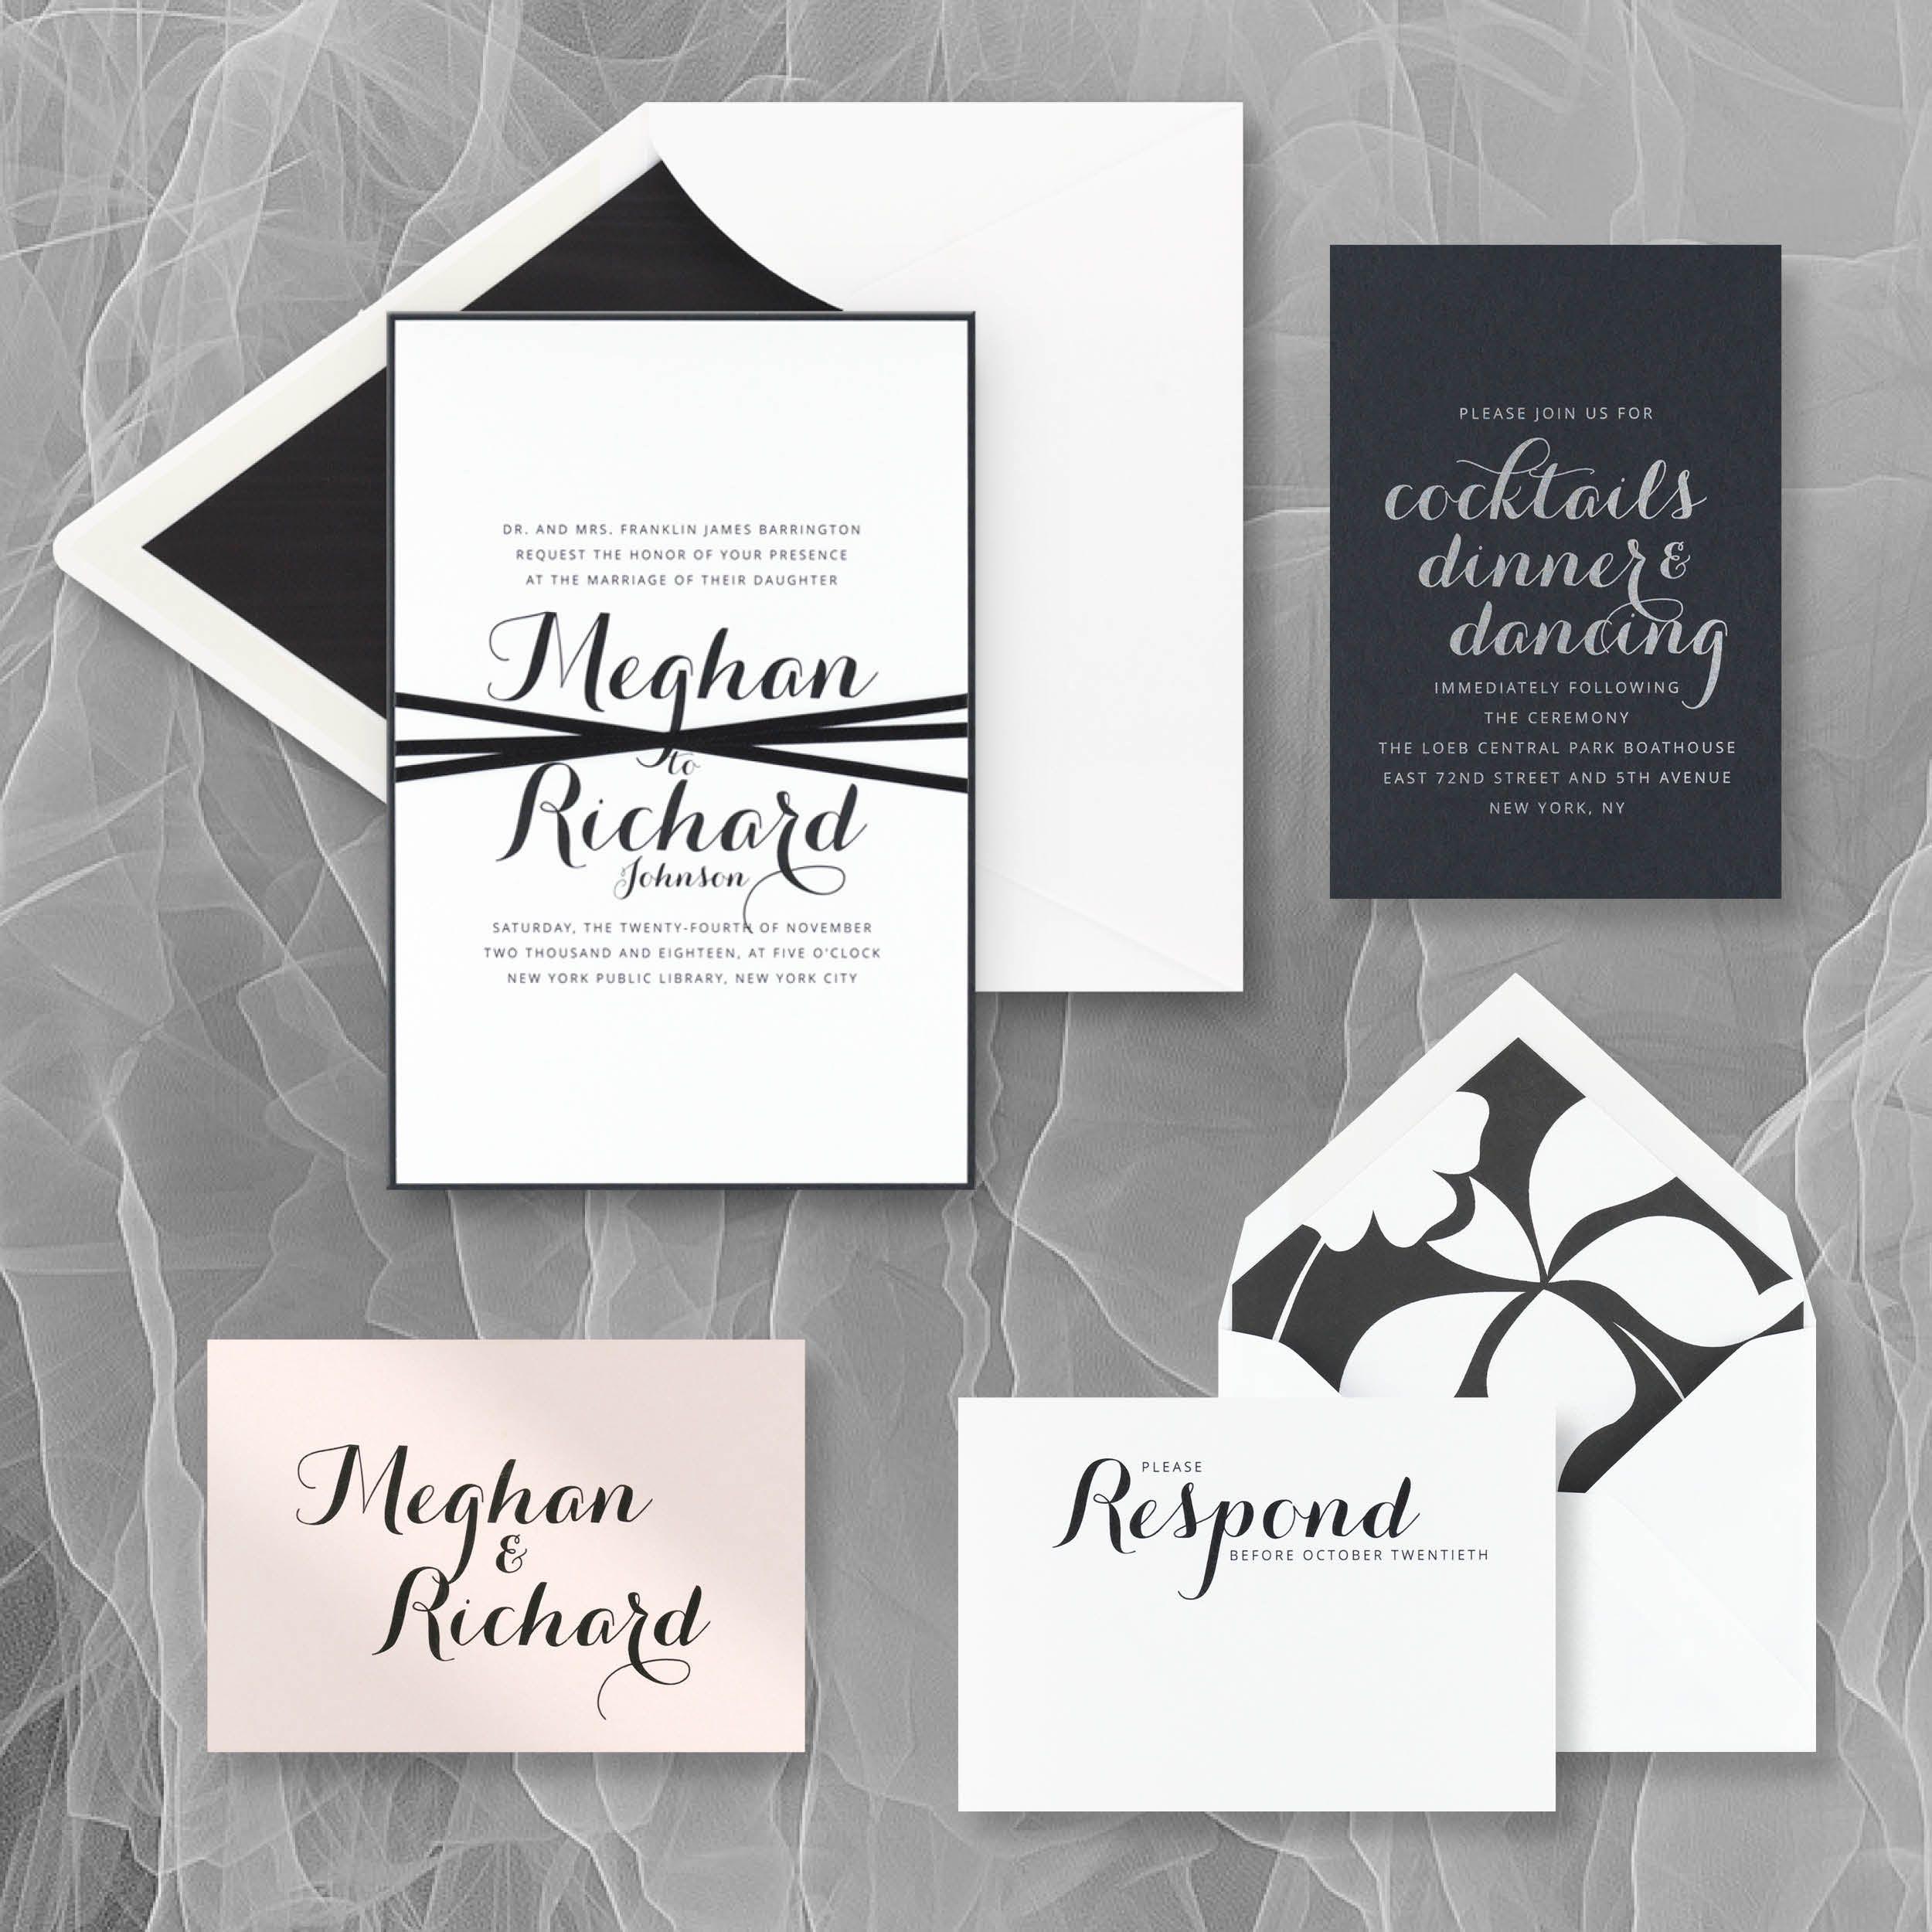 calligraphic romance invitation suite fro checkerboard and the editors at brides magazine brides - Checkerboard Wedding Invitations